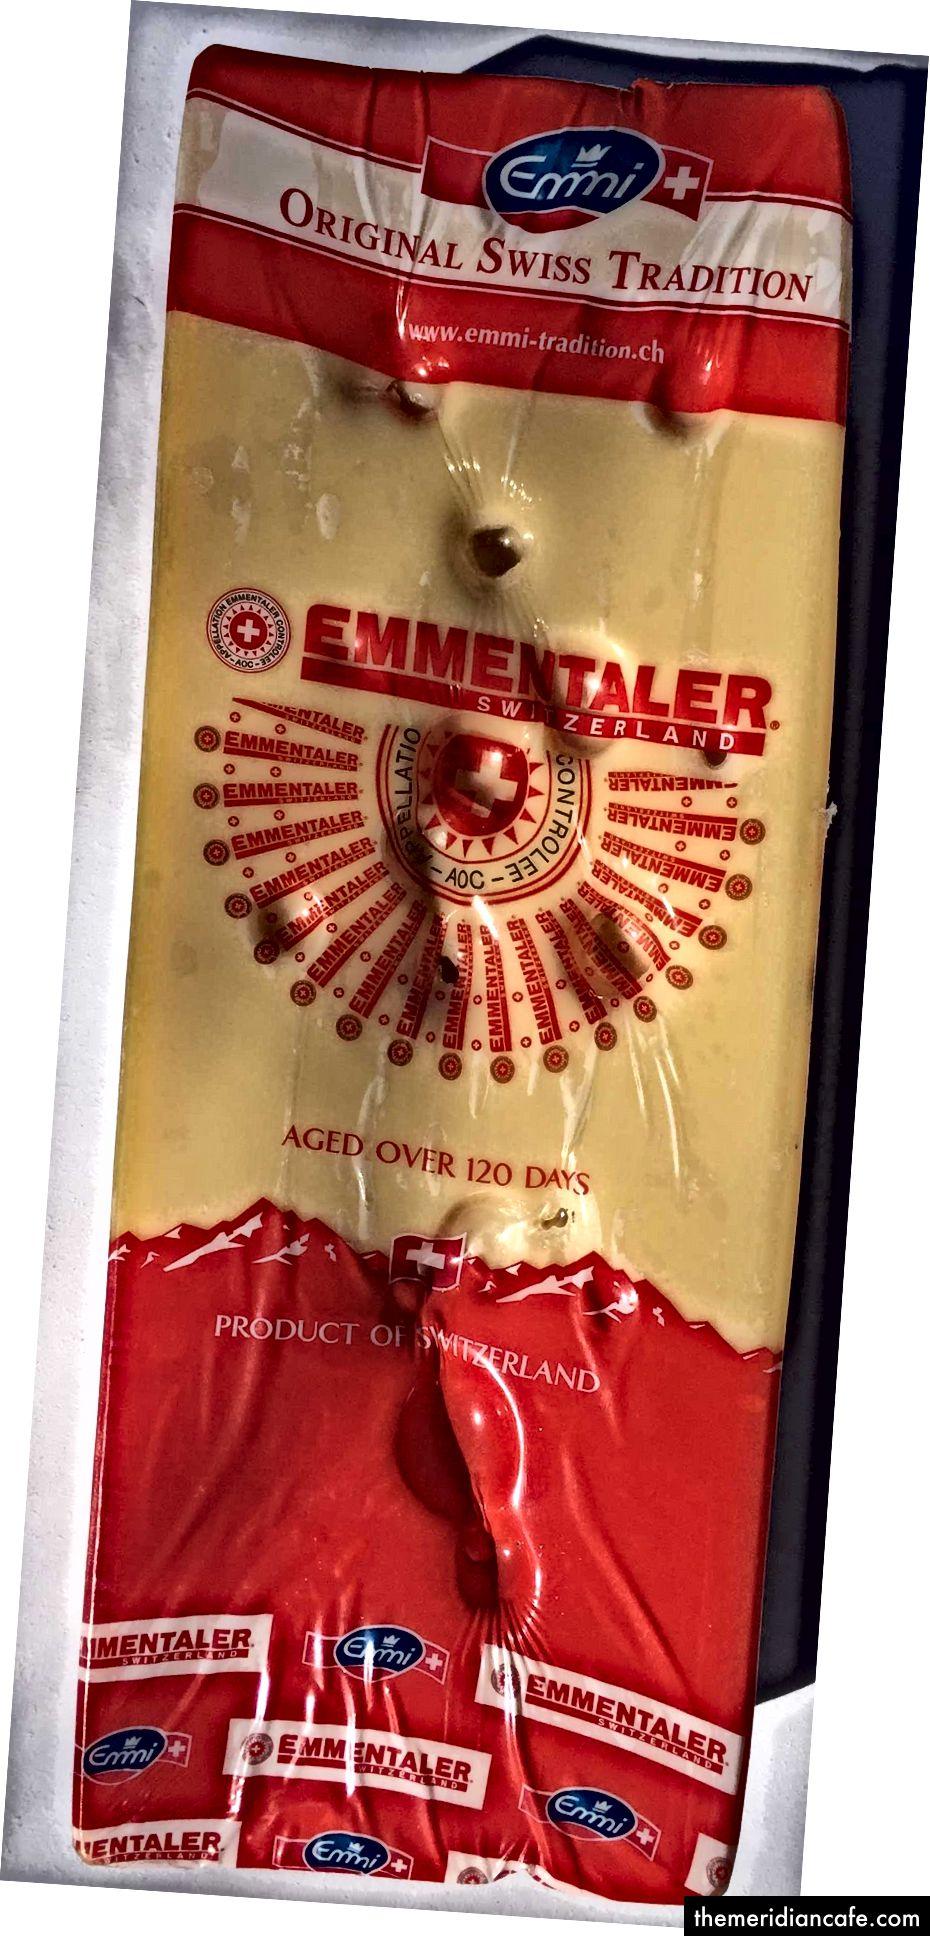 إيمي جربر Emmentaler التقليدية مصدر واحد